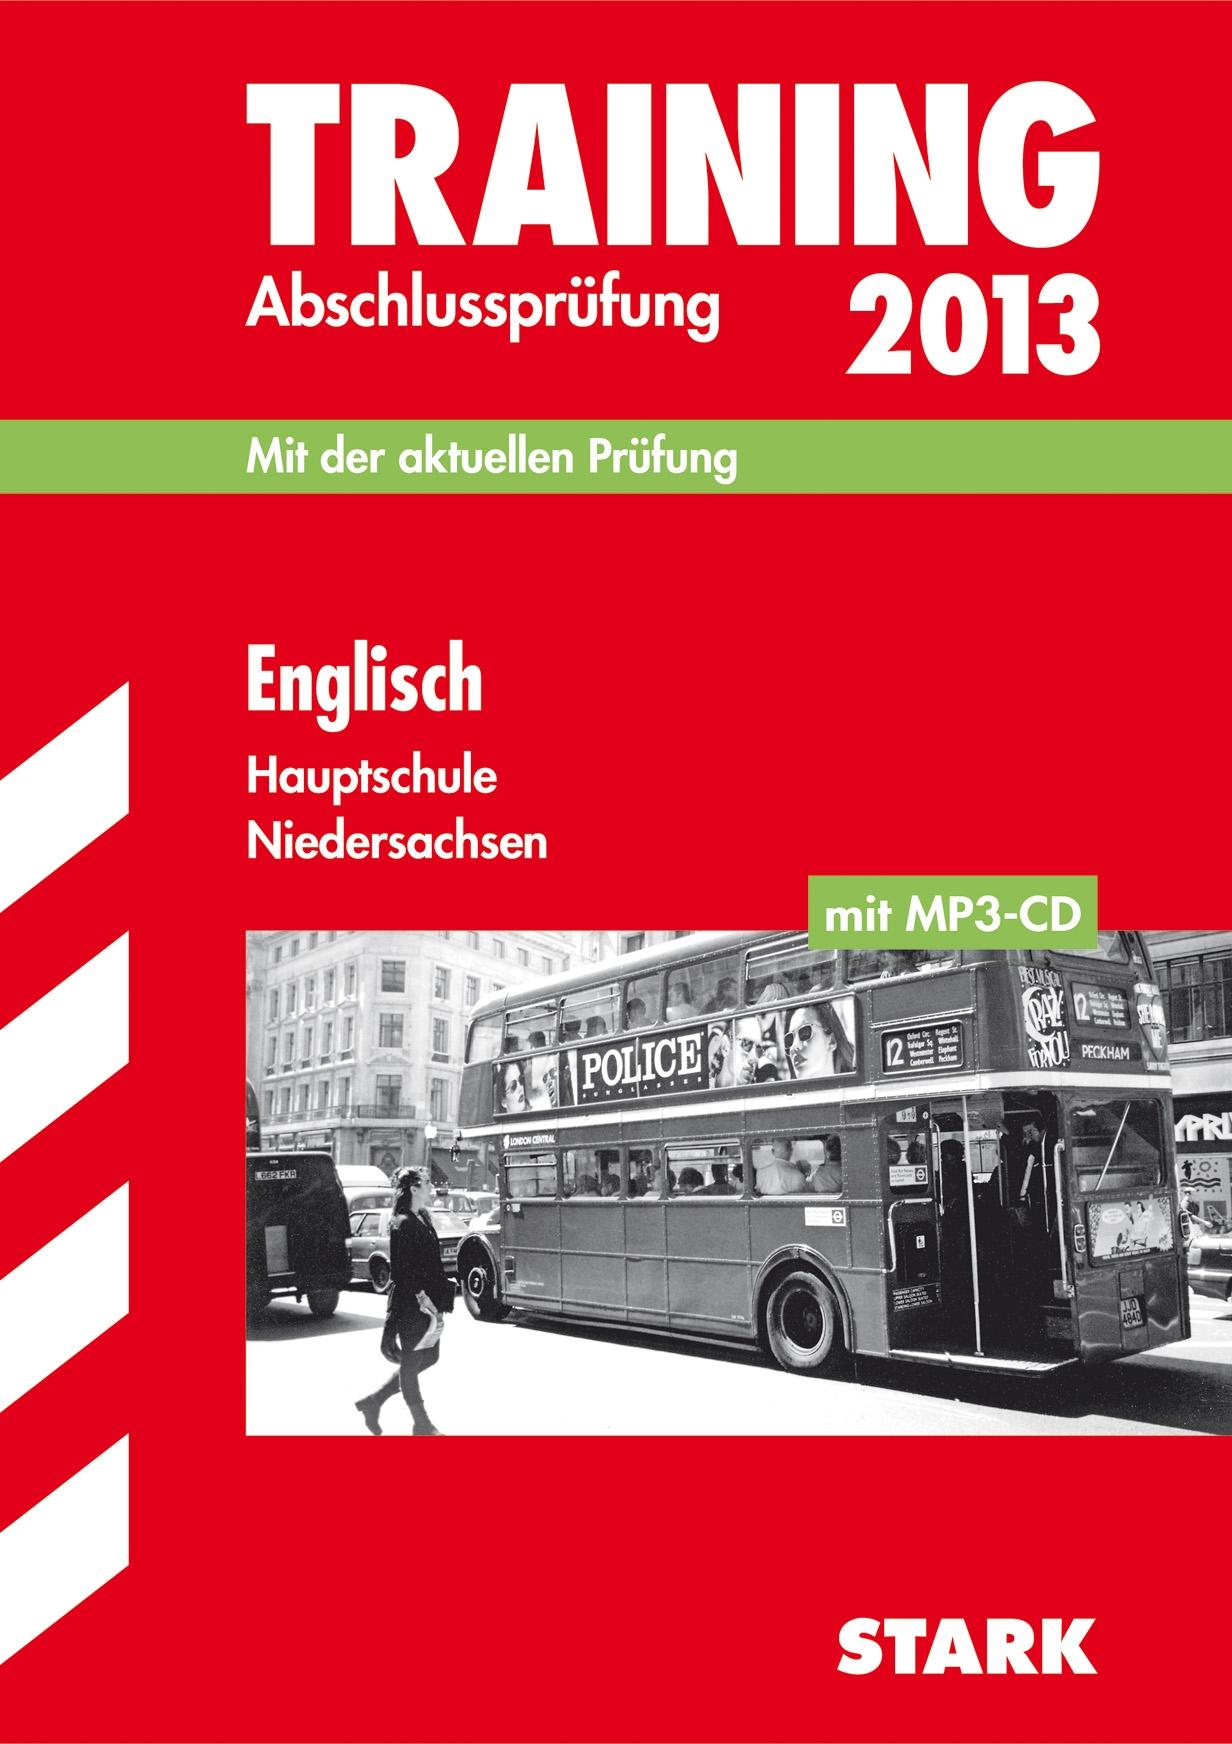 Training Abschlussprüfung Hauptschule Niedersachsen; Englisch mit MP3-CD 2013; Mit der aktuellen Prüfung.